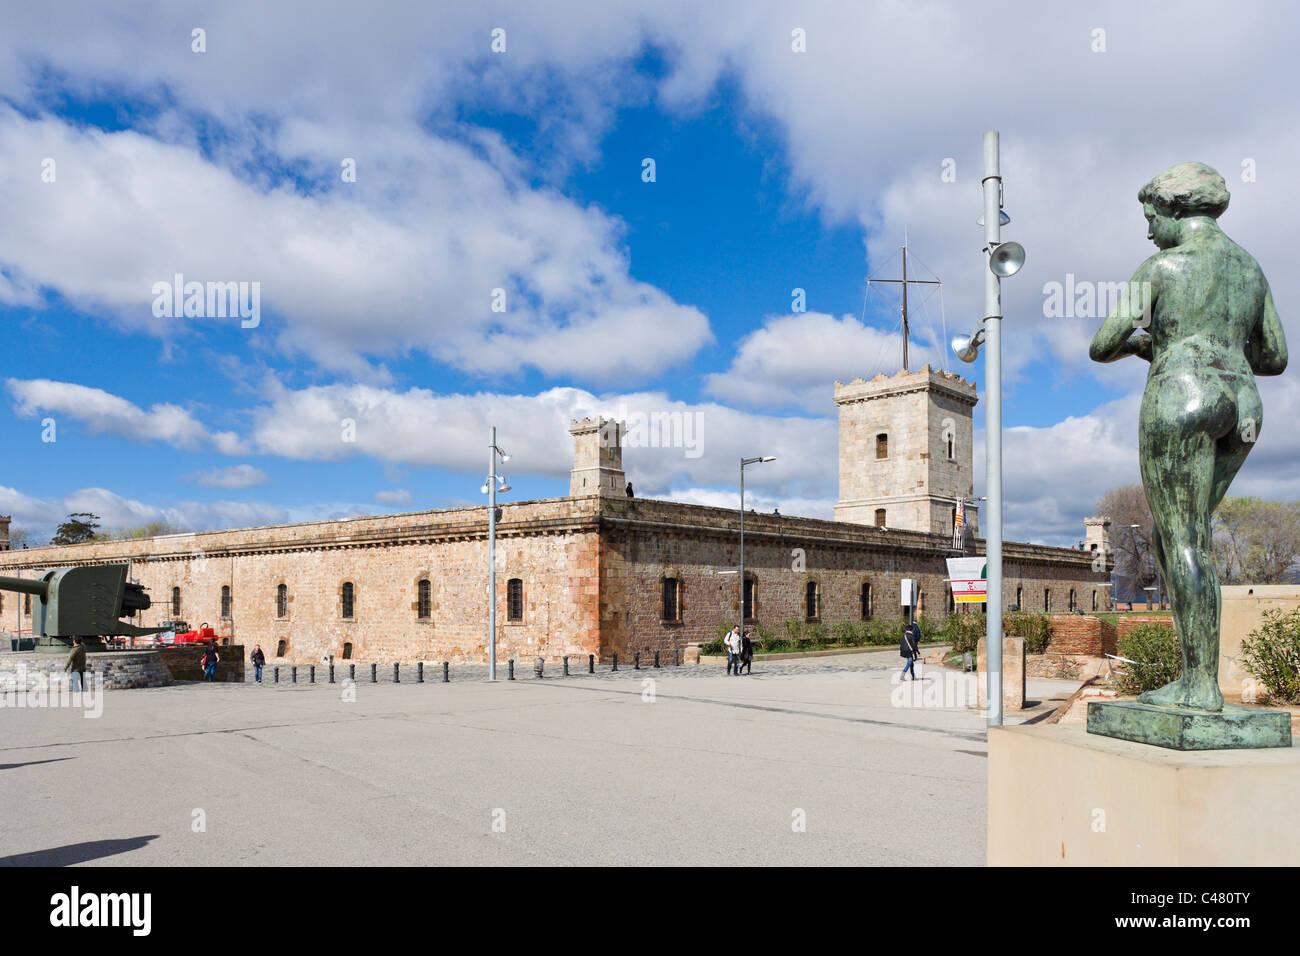 The Castell de Montjuic, Barcelona, Catalunya, Spain - Stock Image